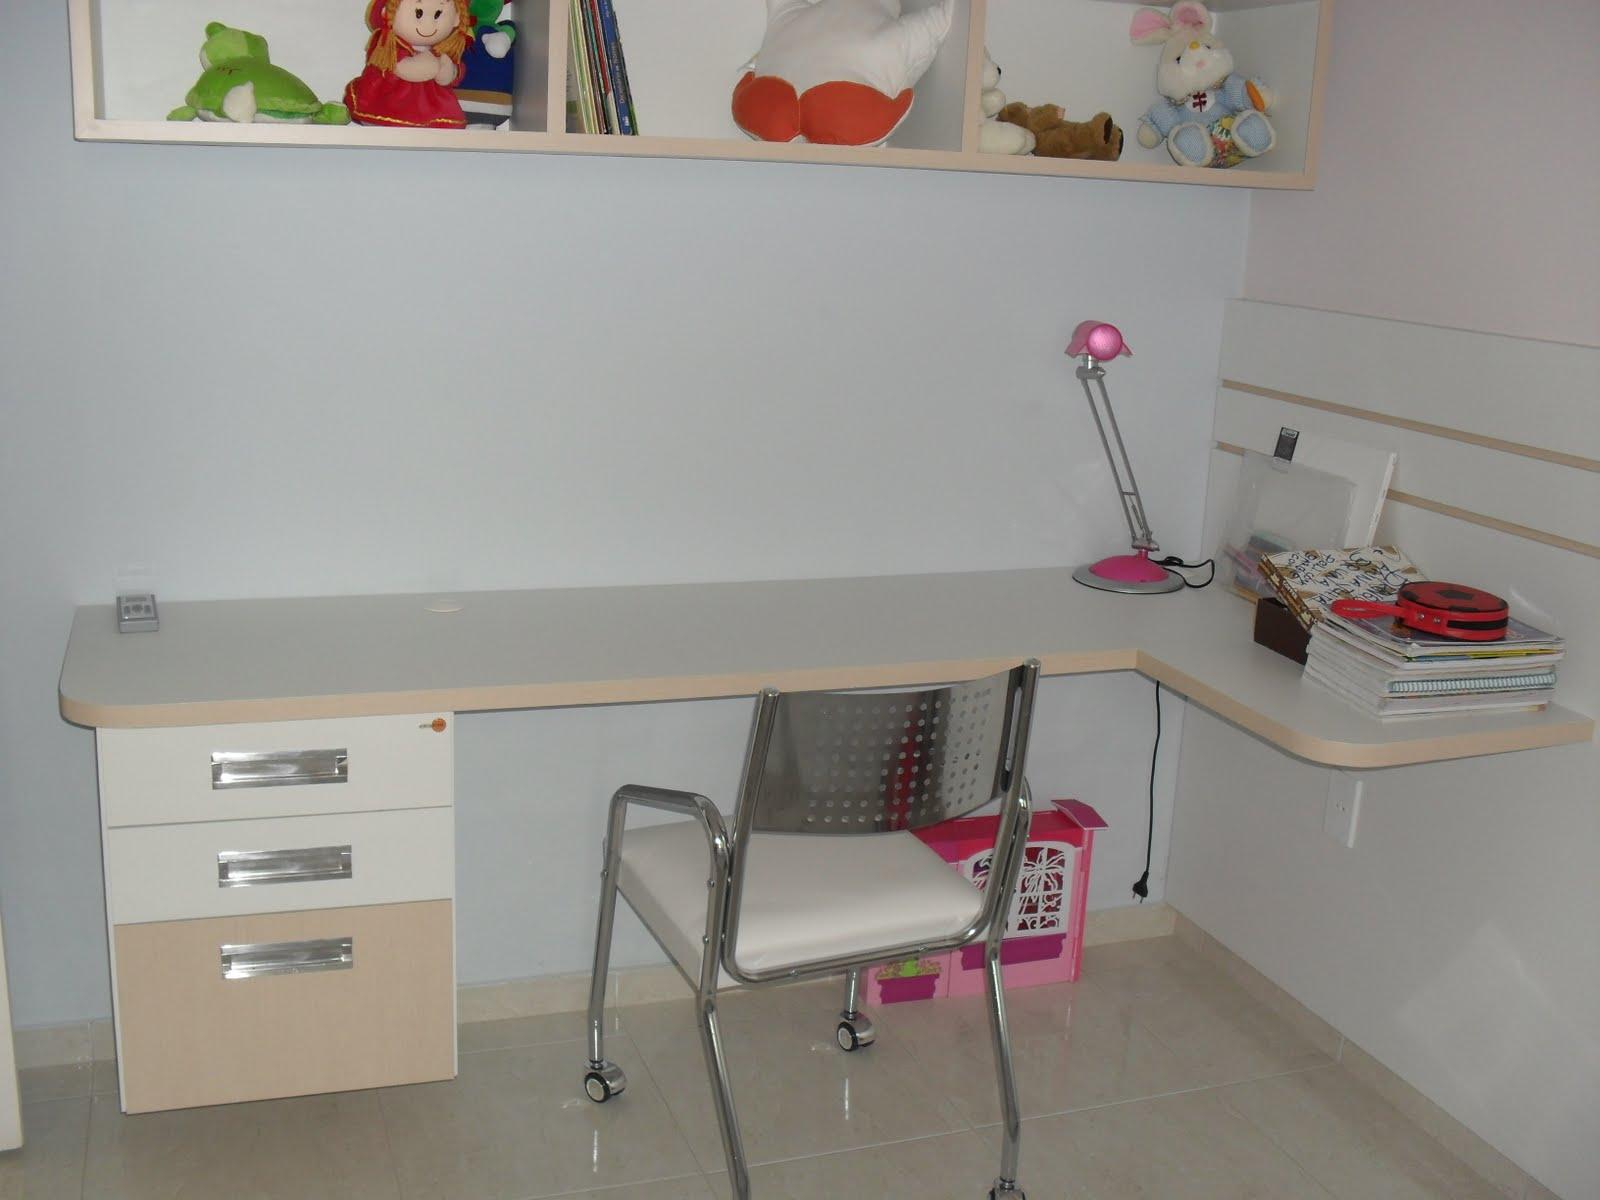 CRIATIVA Móveis & Design: Bancada de Estudos #7C3331 1600x1200